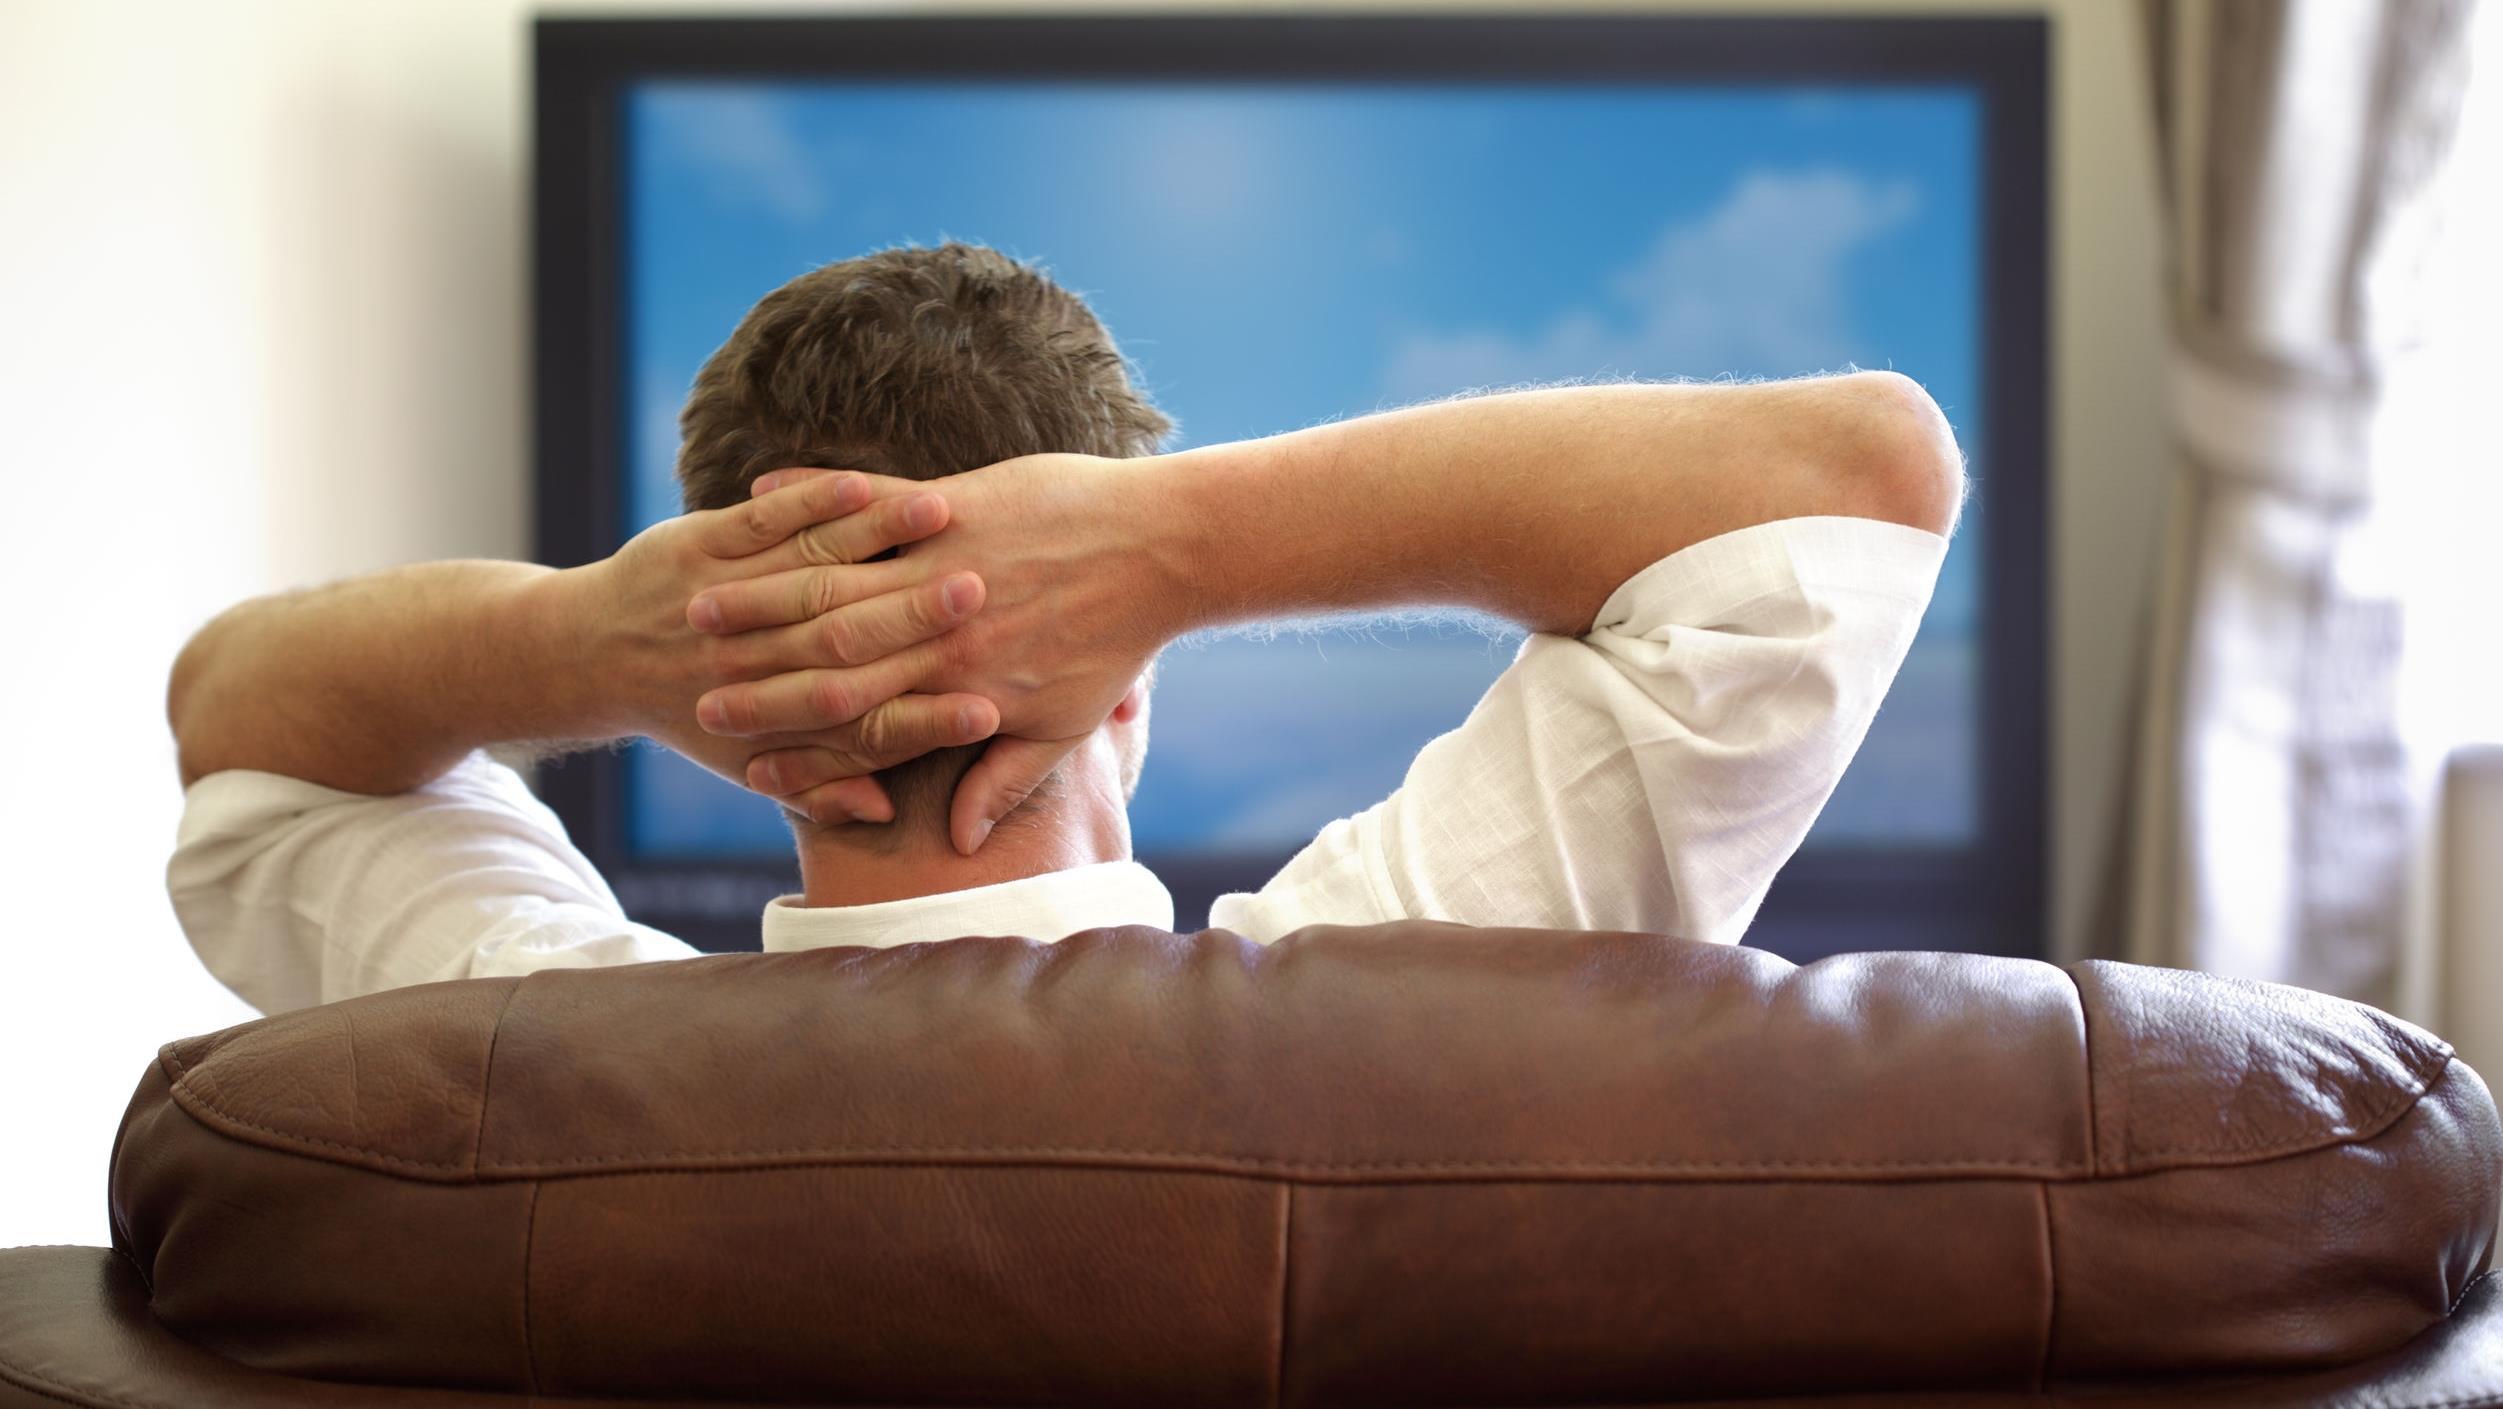 چالش مواجهه با بحران کرونا و افسردگی شدید/ افسردگی در دوران کرونا چند مرحله دارد؟